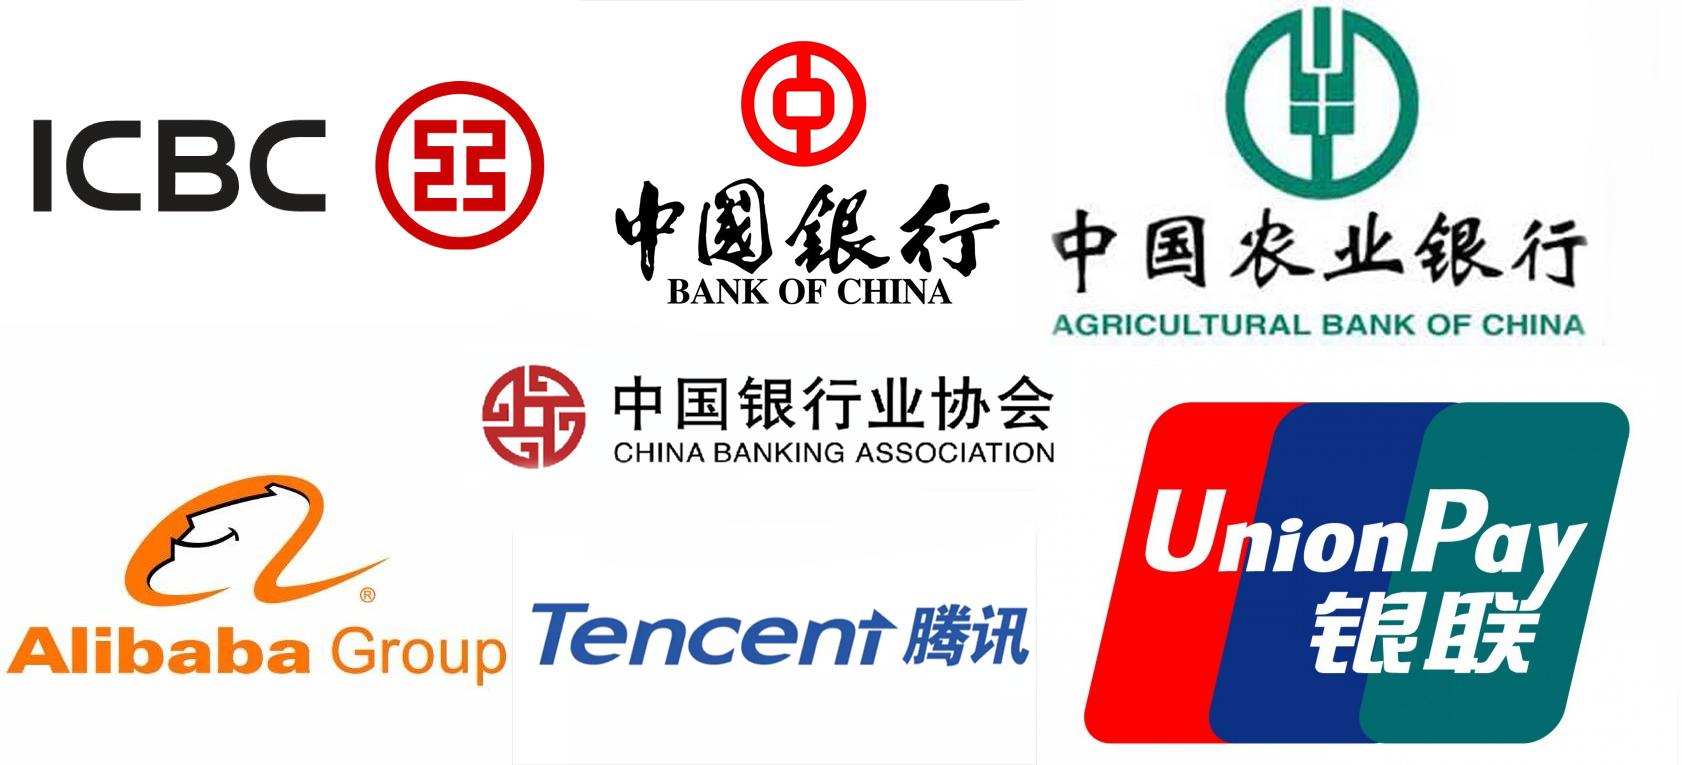 Китай может запустить свою криптовалюту уже 11 ноября